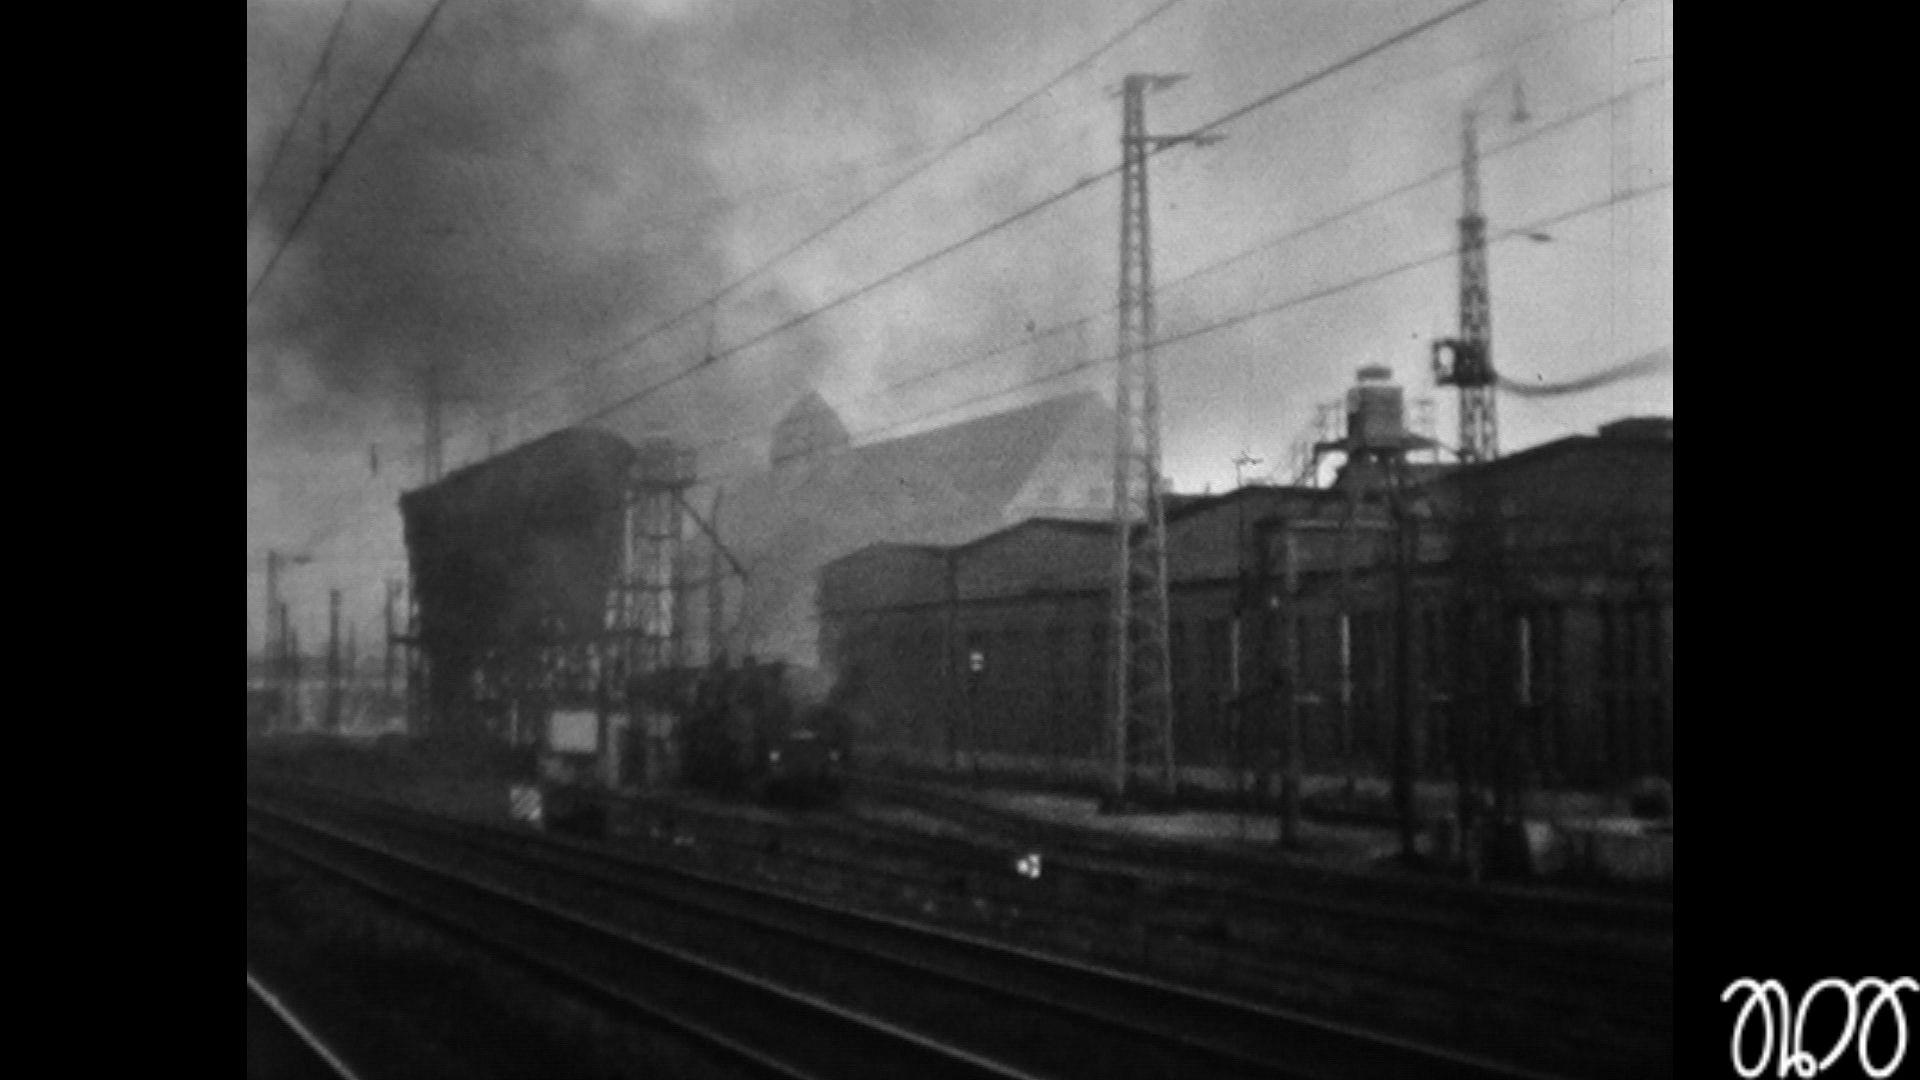 München - Munich - Hauptzollamt vom Zug - 1957